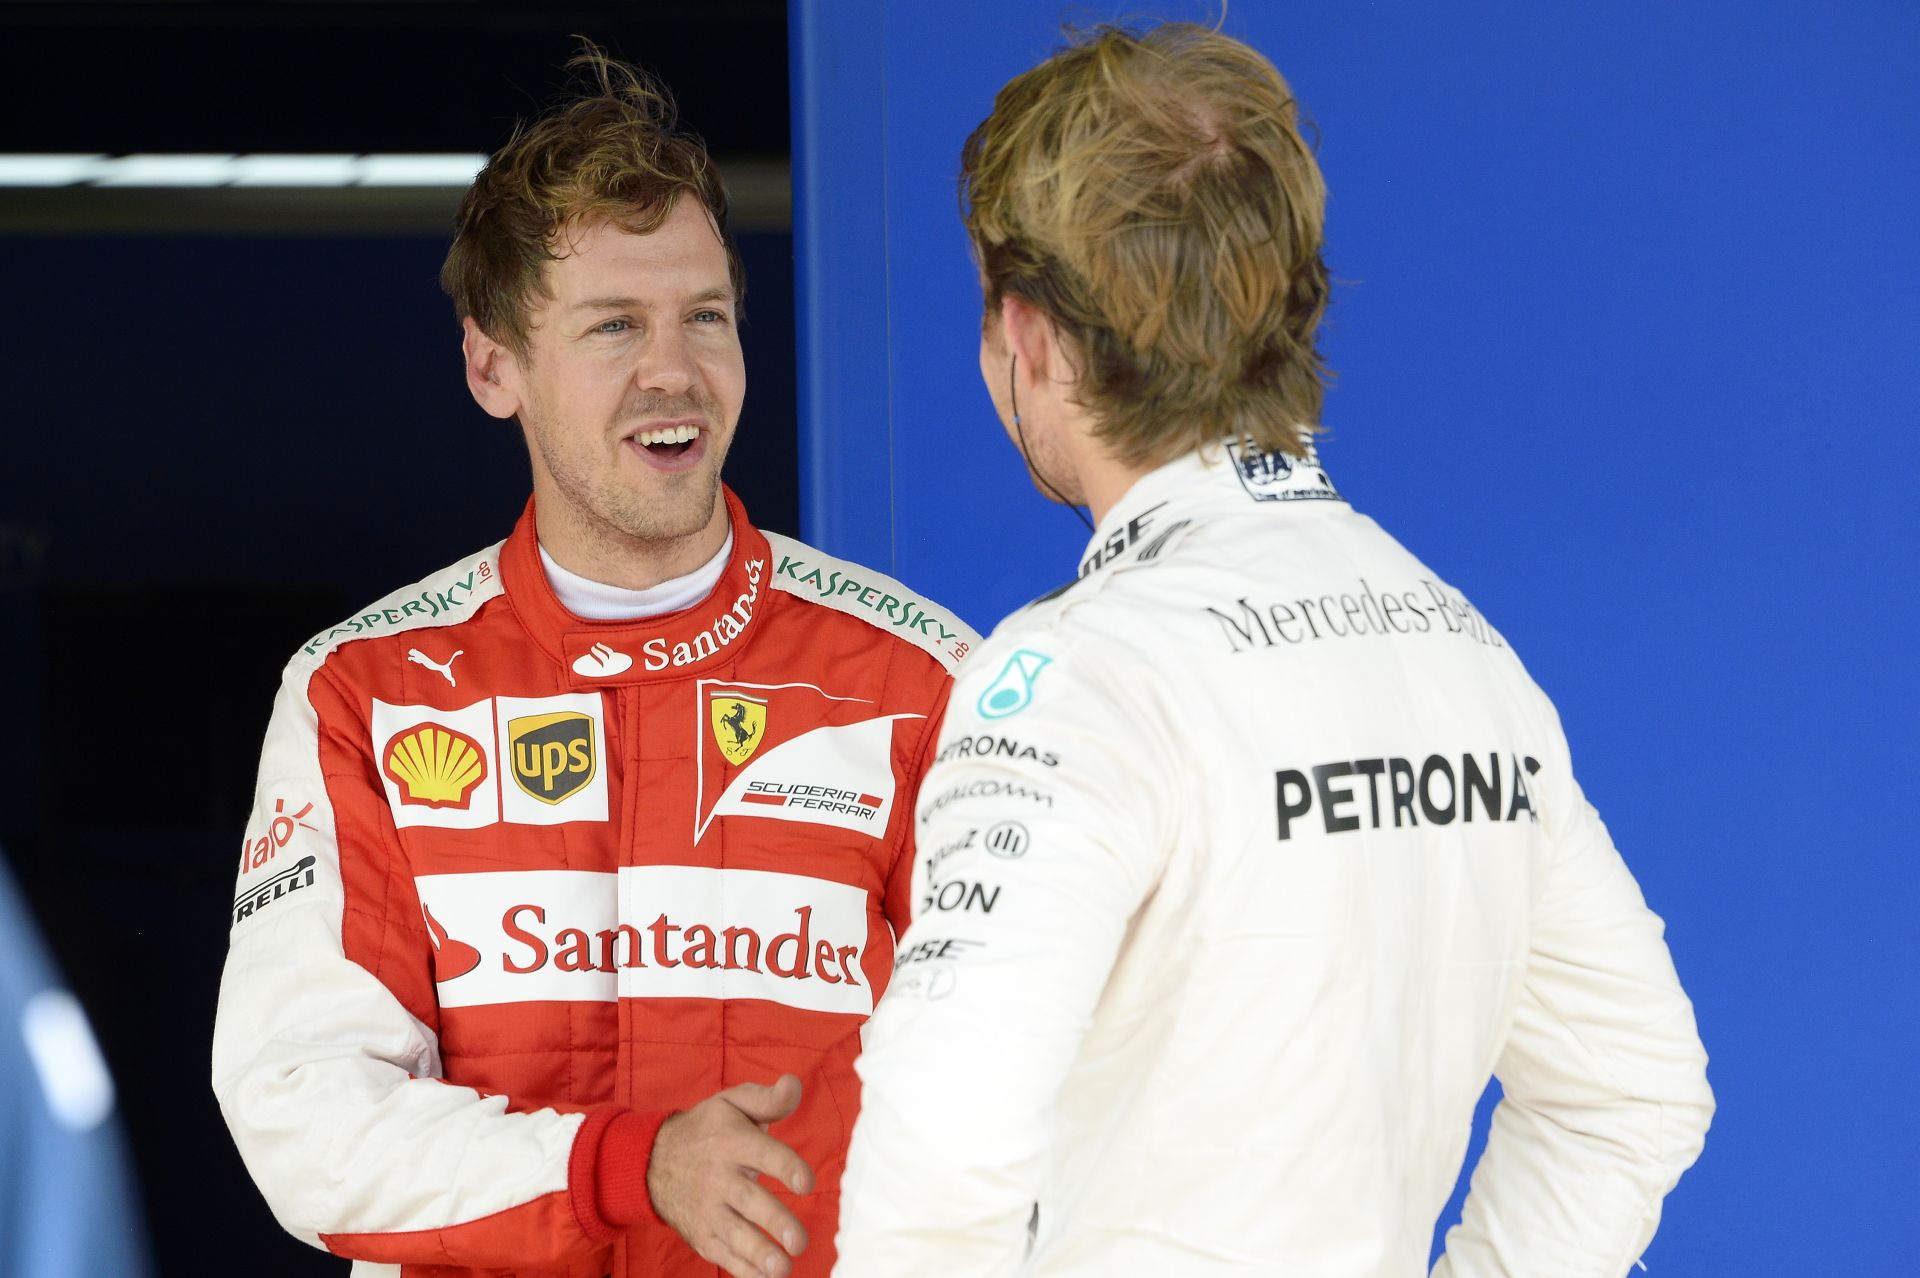 Az év végére csalódásnak tűnik a Ferrari: Vettel sem tud mit kezdeni a Mercedesszel